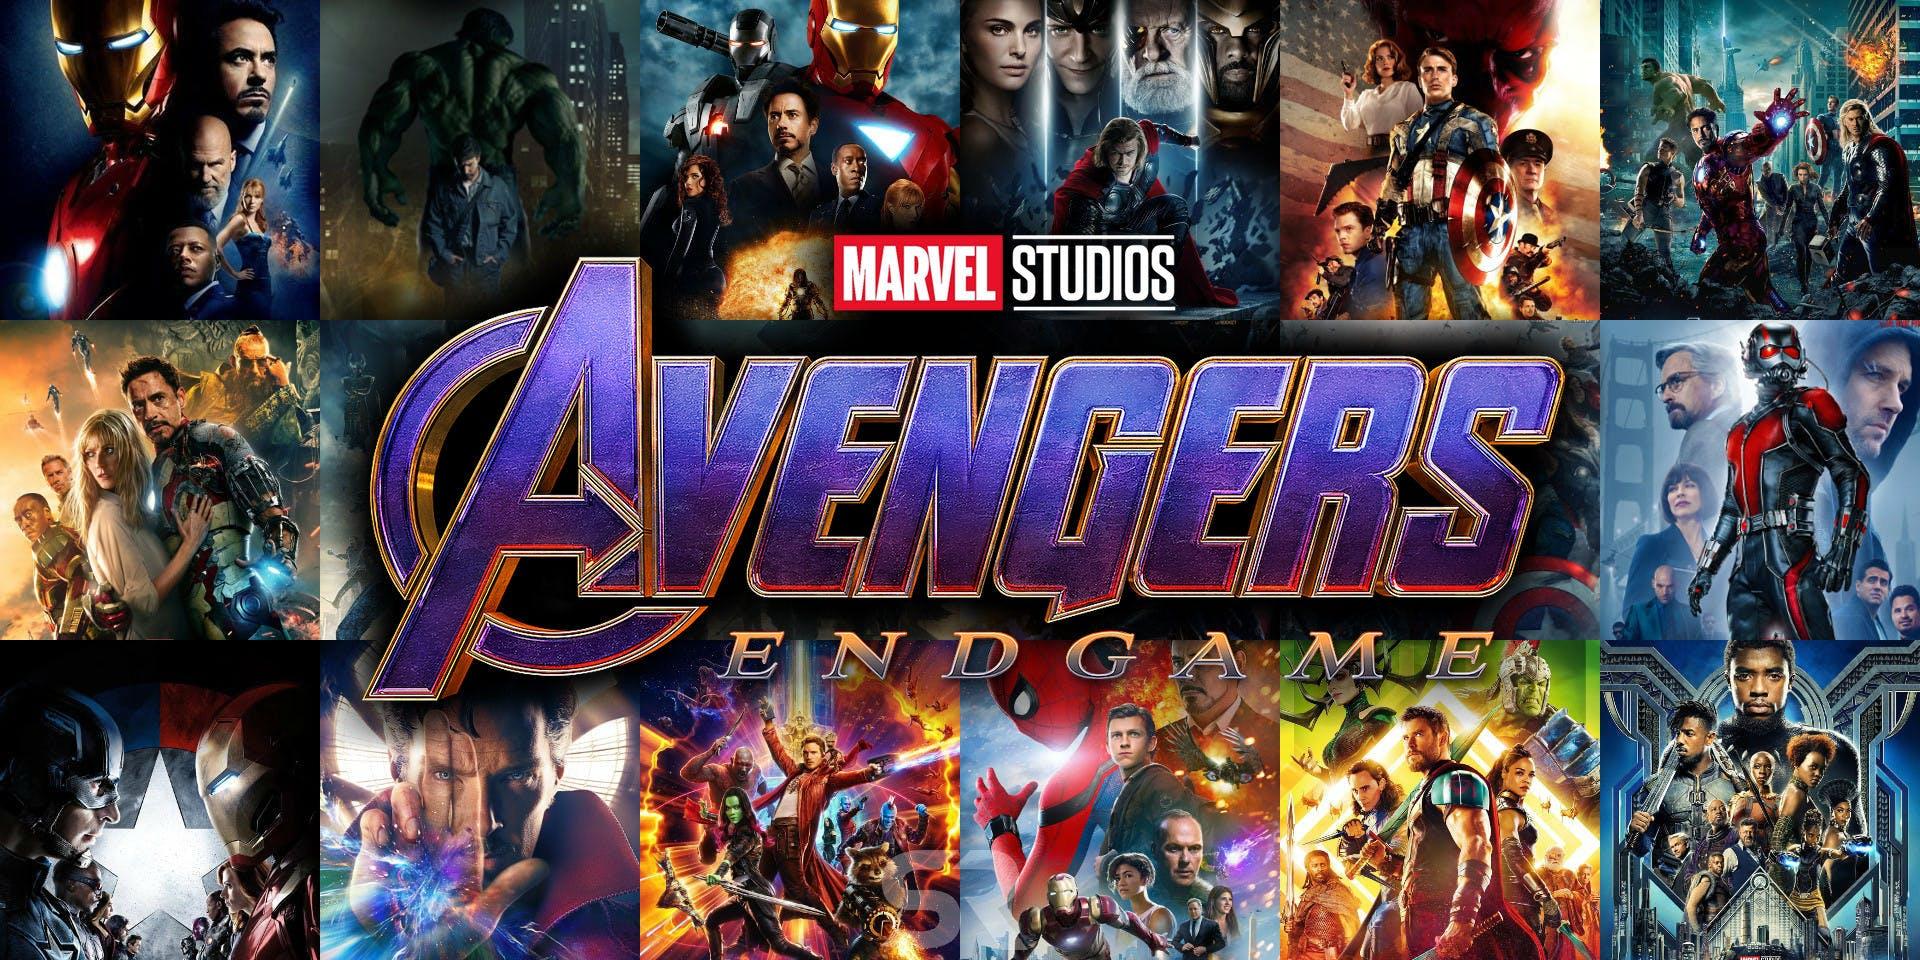 Avengers-Endgame-87man